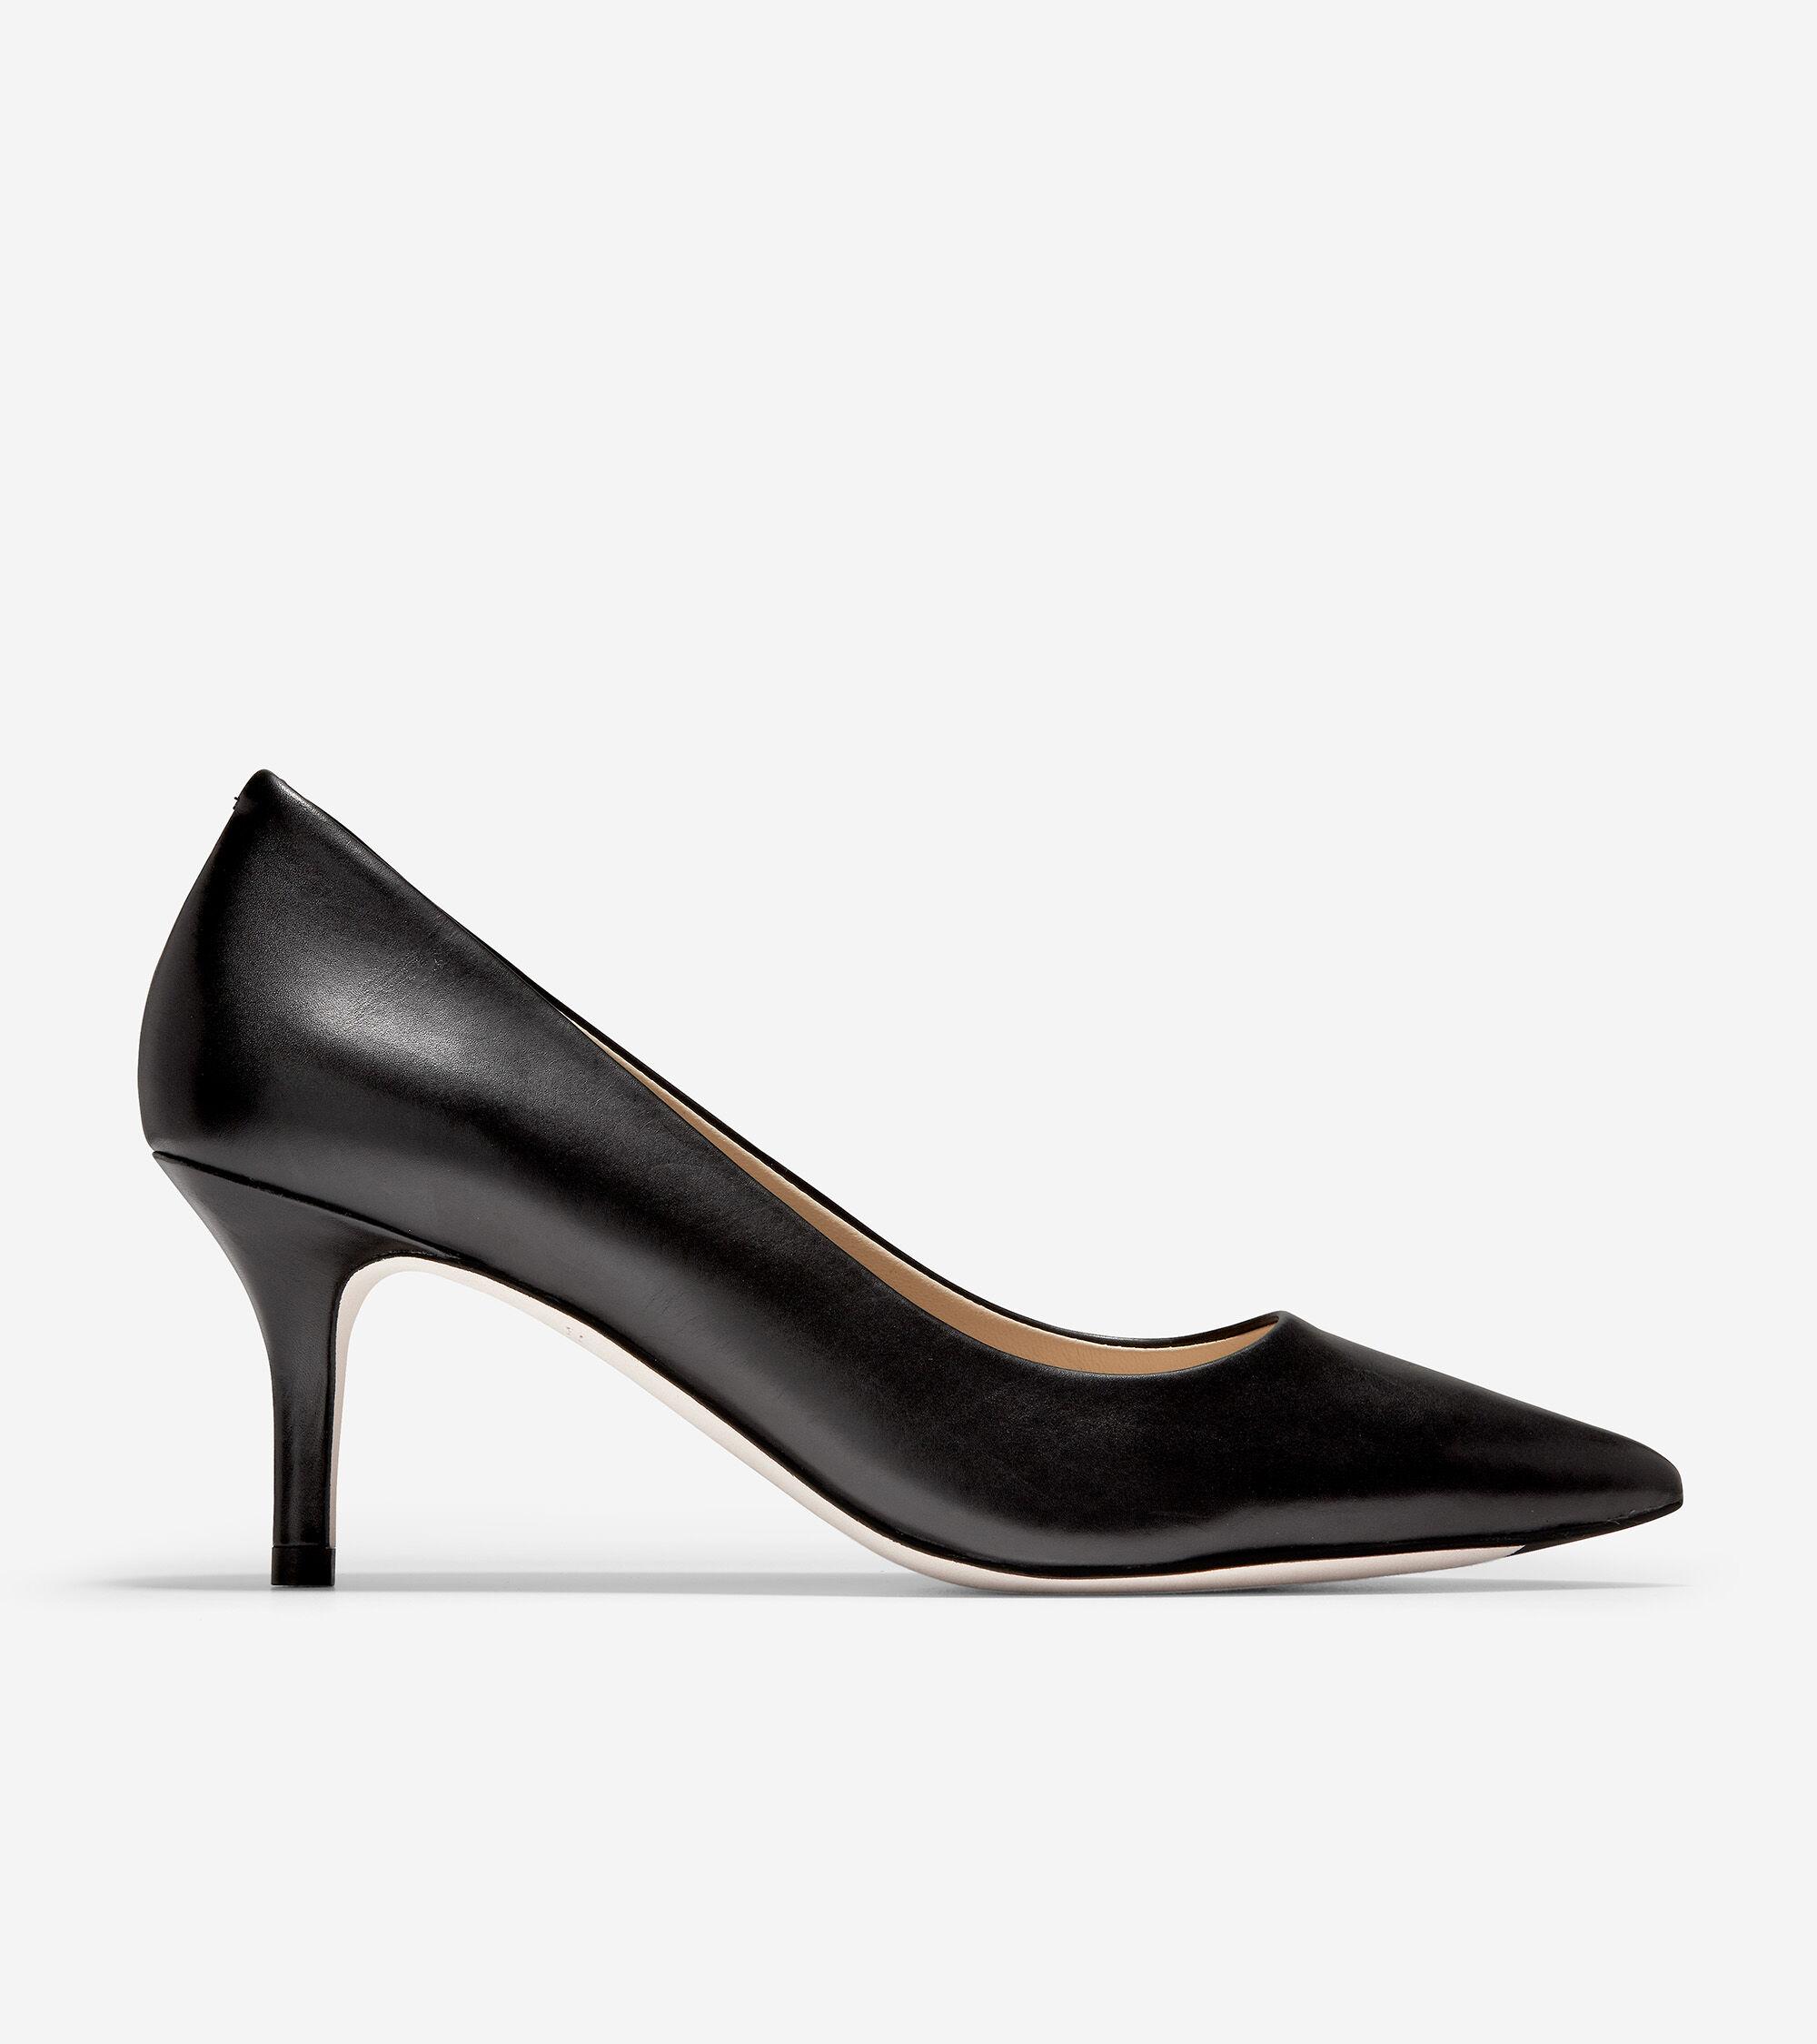 Women's Heels, Pumps \u0026 Wedges   Cole Haan